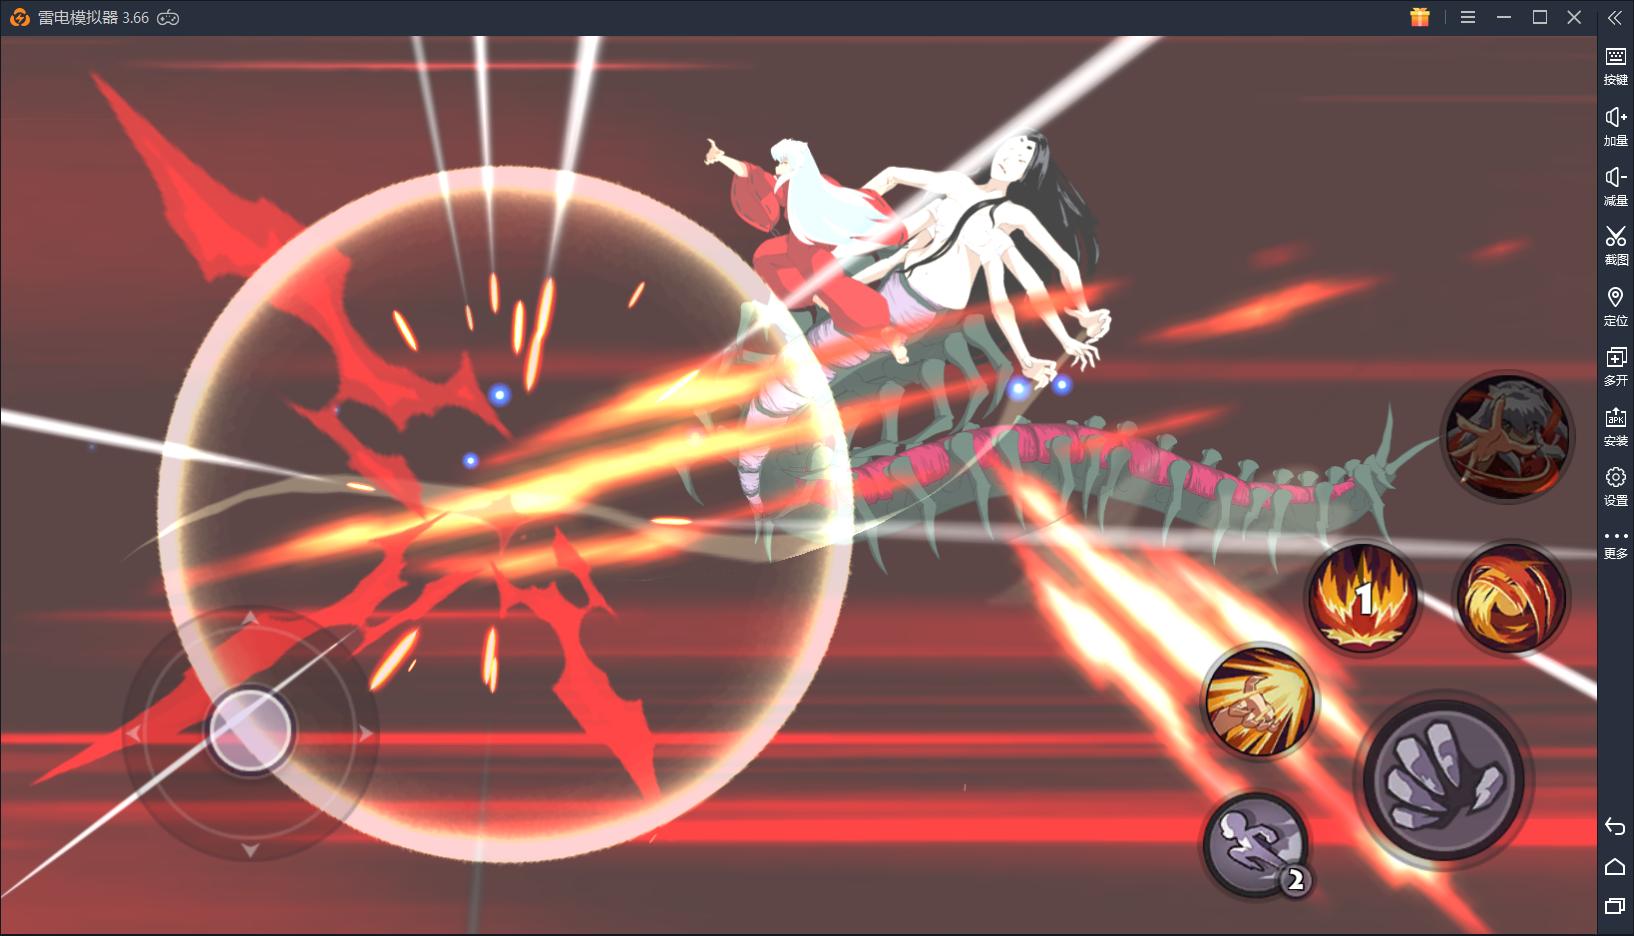 【一周新游】龙族幻想与重装战姬齐上线!奇幻与机甲激烈碰撞